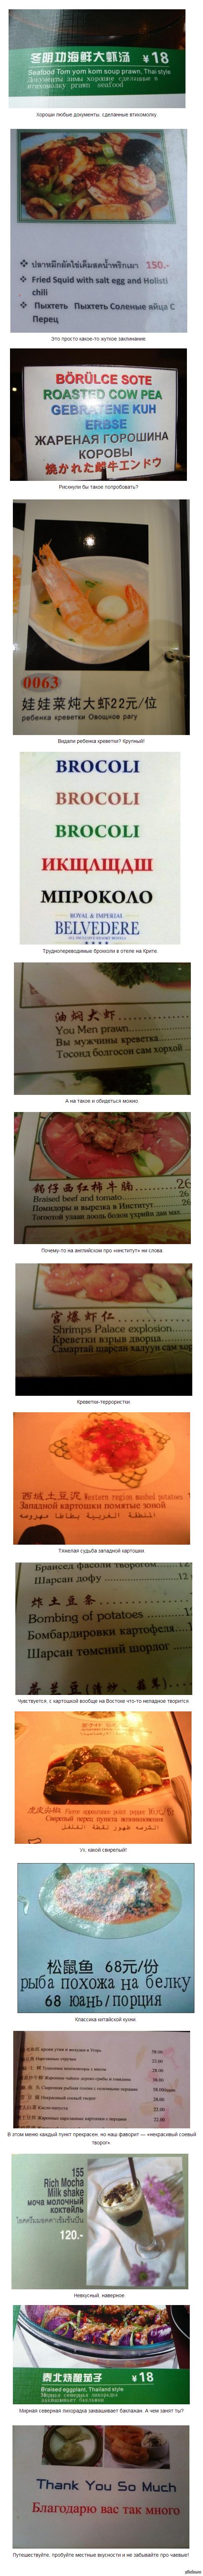 Смешные меню на русском языке из ресторанов мира. Многие рестораны предлагают меню на русском языке. Но, многие из них пользуются машинным переводом, поэтому описание часто вызывает не аппетит, а взрыв смеха.